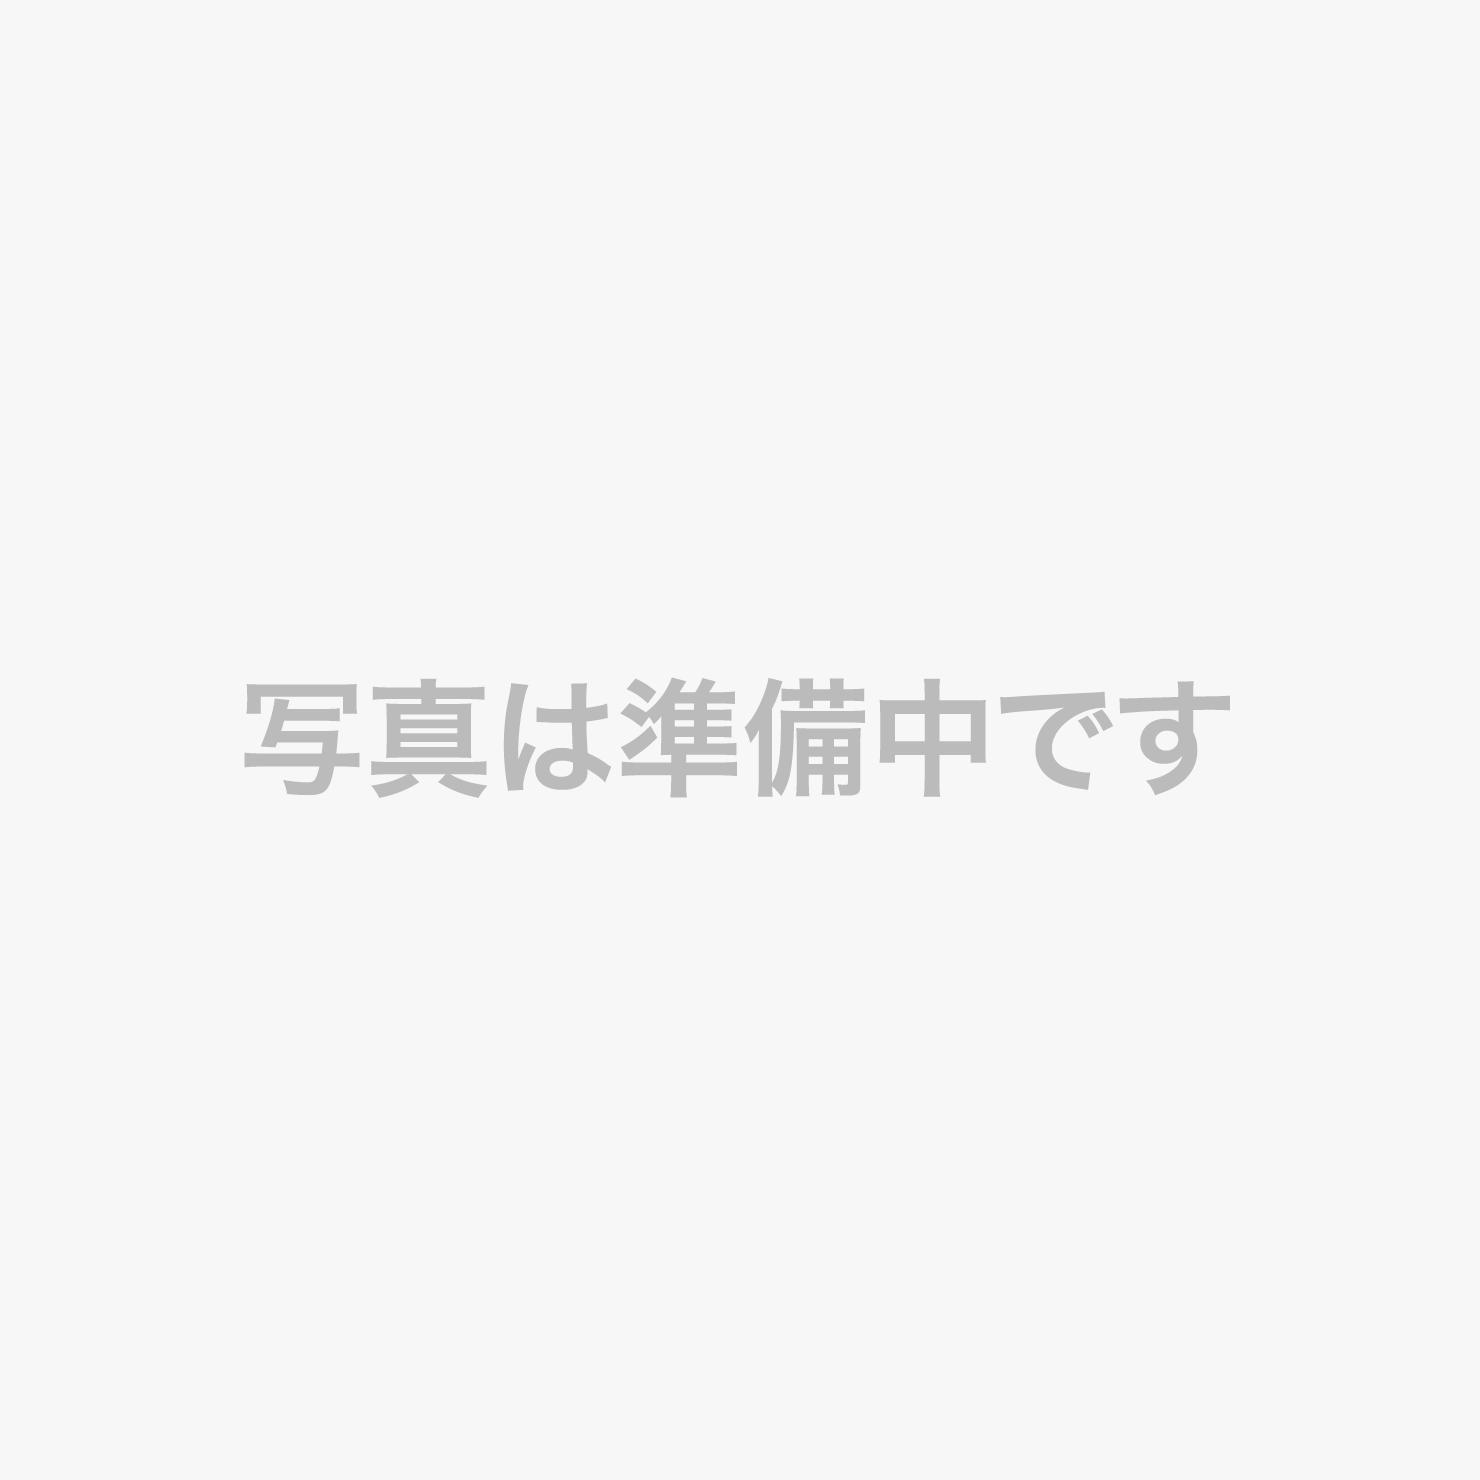 ファミリールーム【32平米】3名様仕様